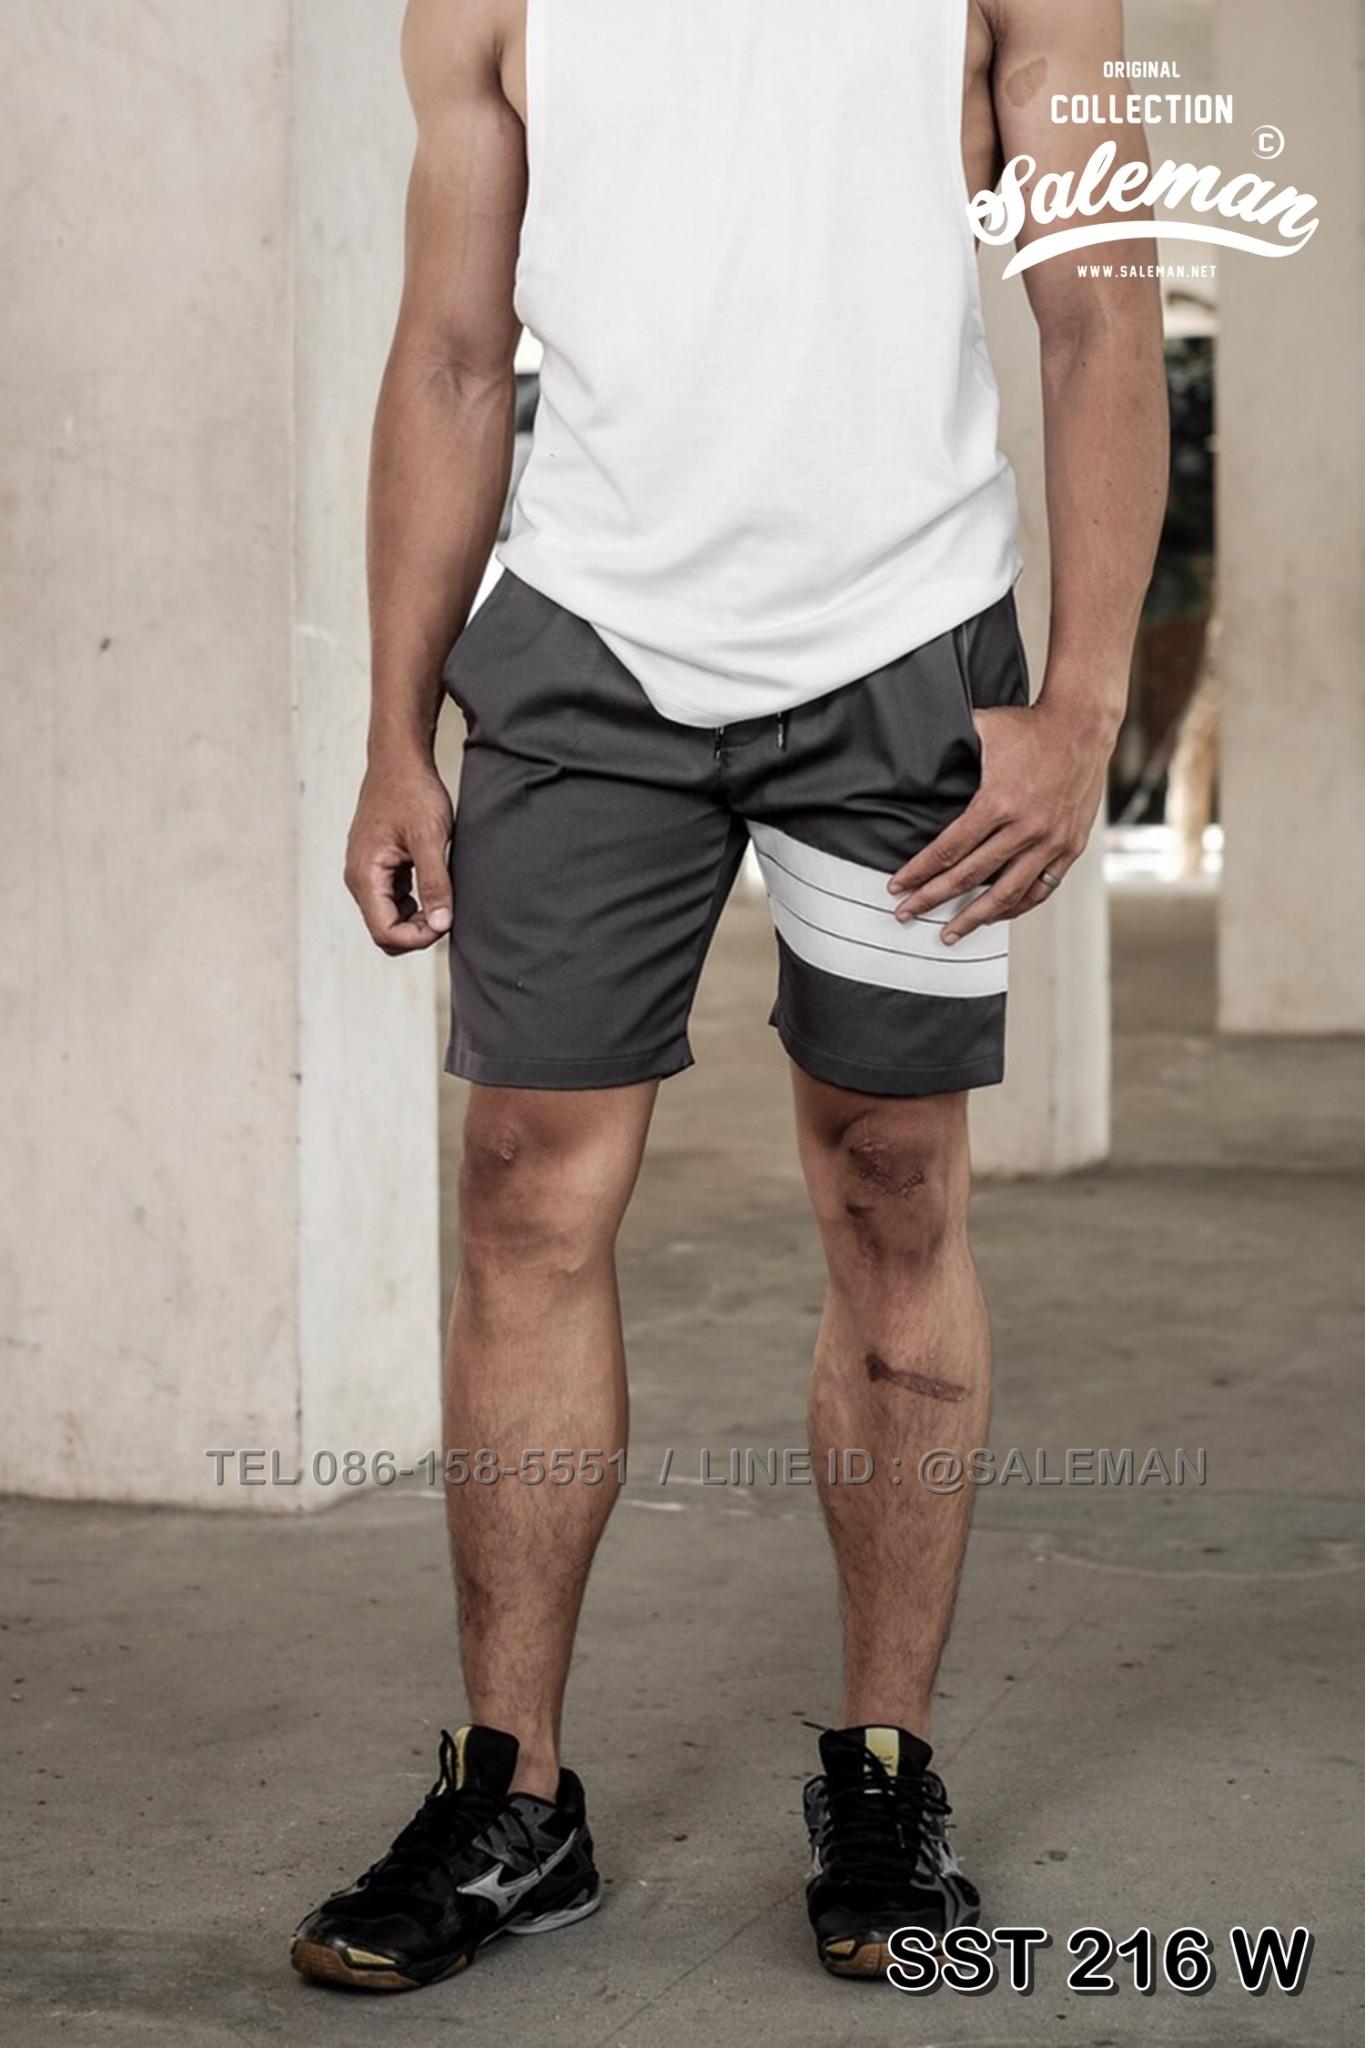 กางเกงขาสั้น พรีเมี่ยม ผ้า COTTON รหัส SS T216 W สีเทา แถบ ขาว